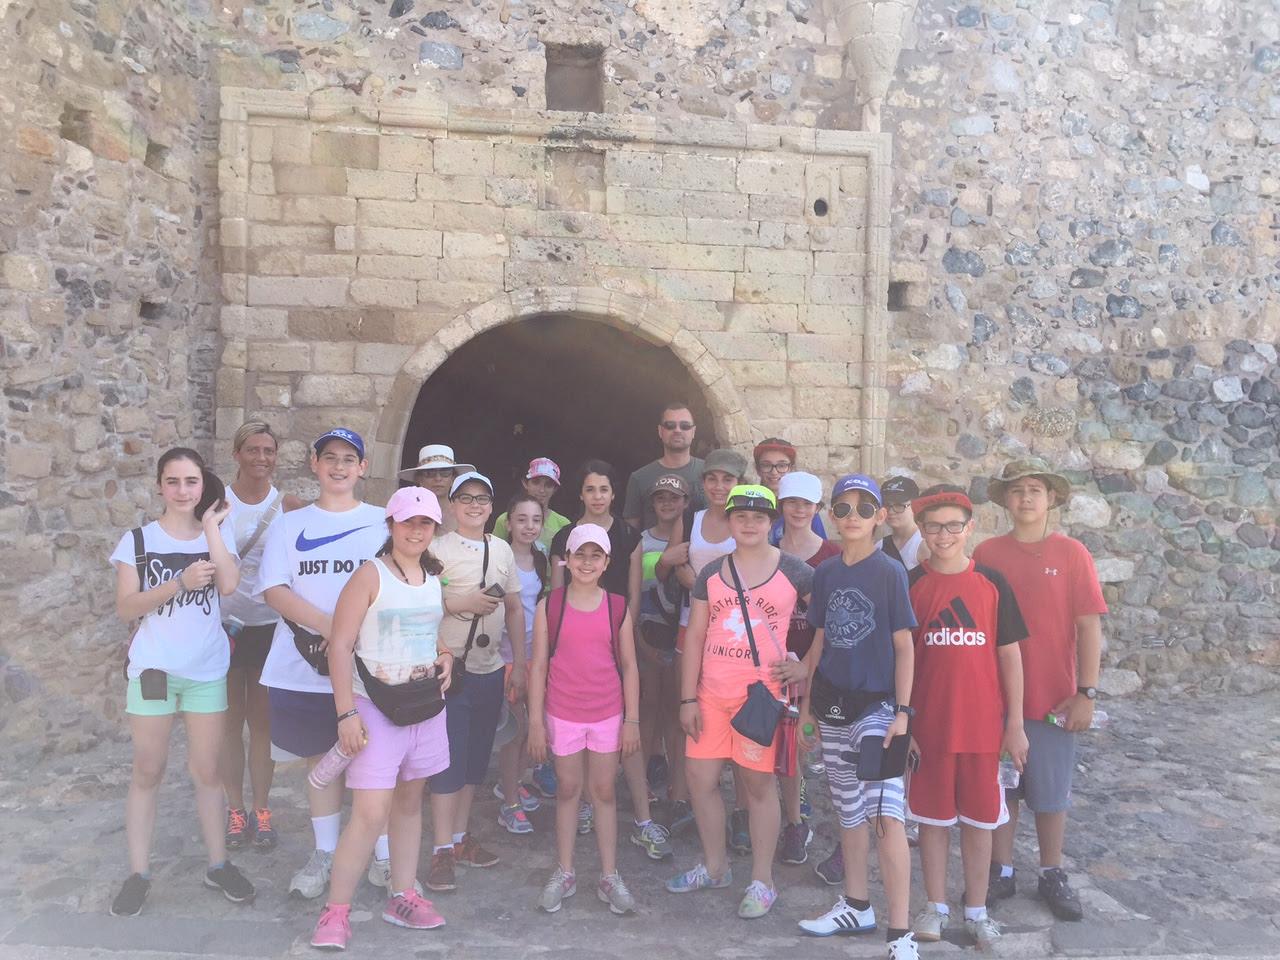 Ταξίδι στην Ελλάδα το 2016 για τους αποφοίτους. Ξἐκινησε!